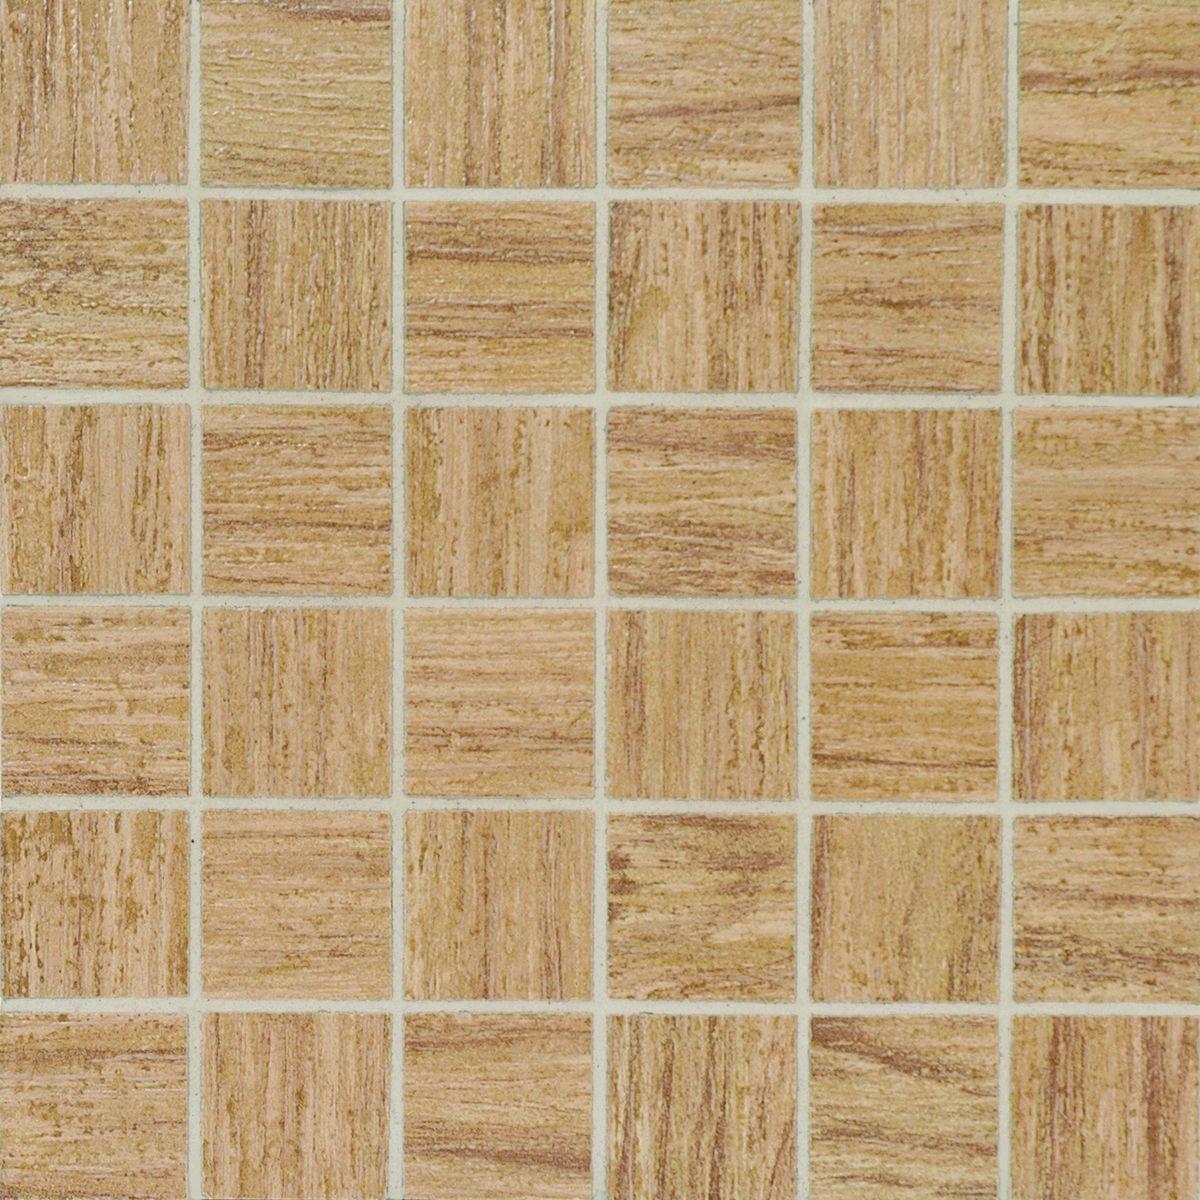 Мозаика Mood Wood velvet teak (mqcxp6) изображение 0